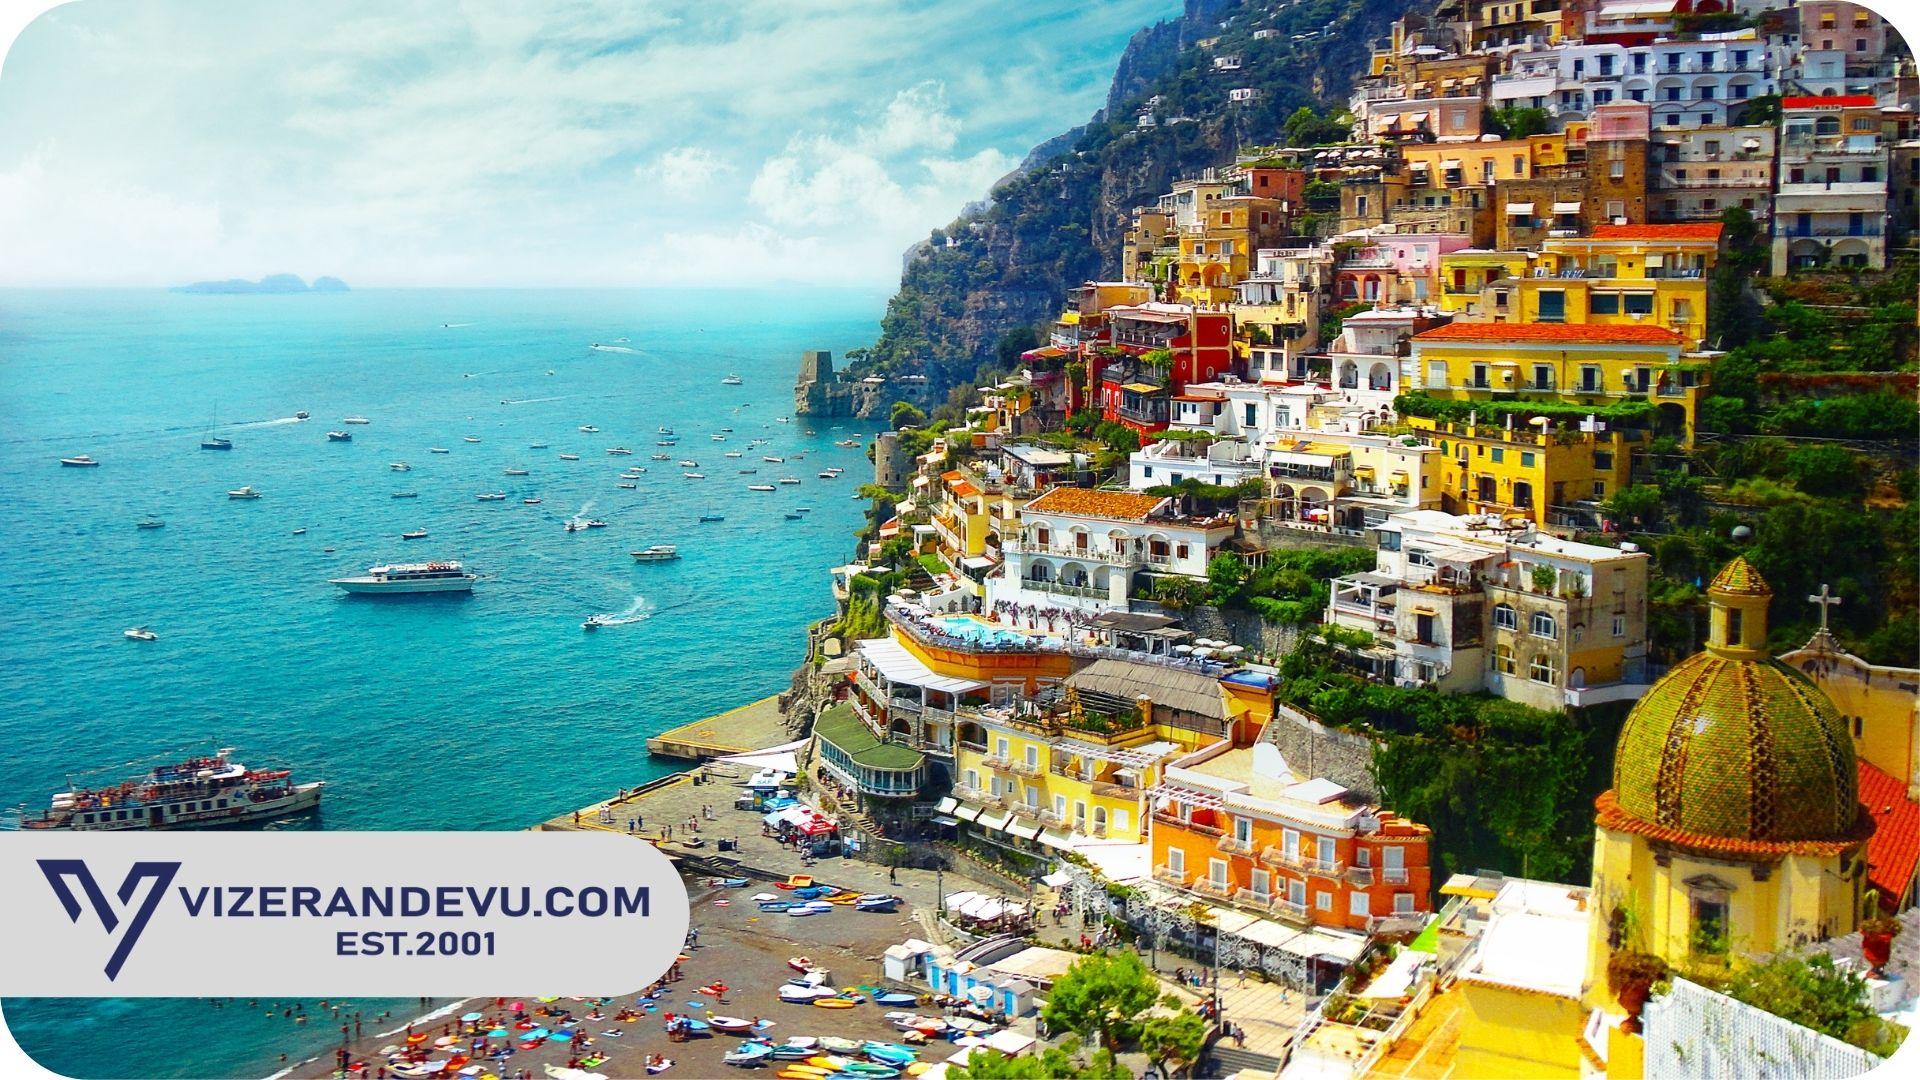 İtalya İçin Uzun Süreli Vizeler